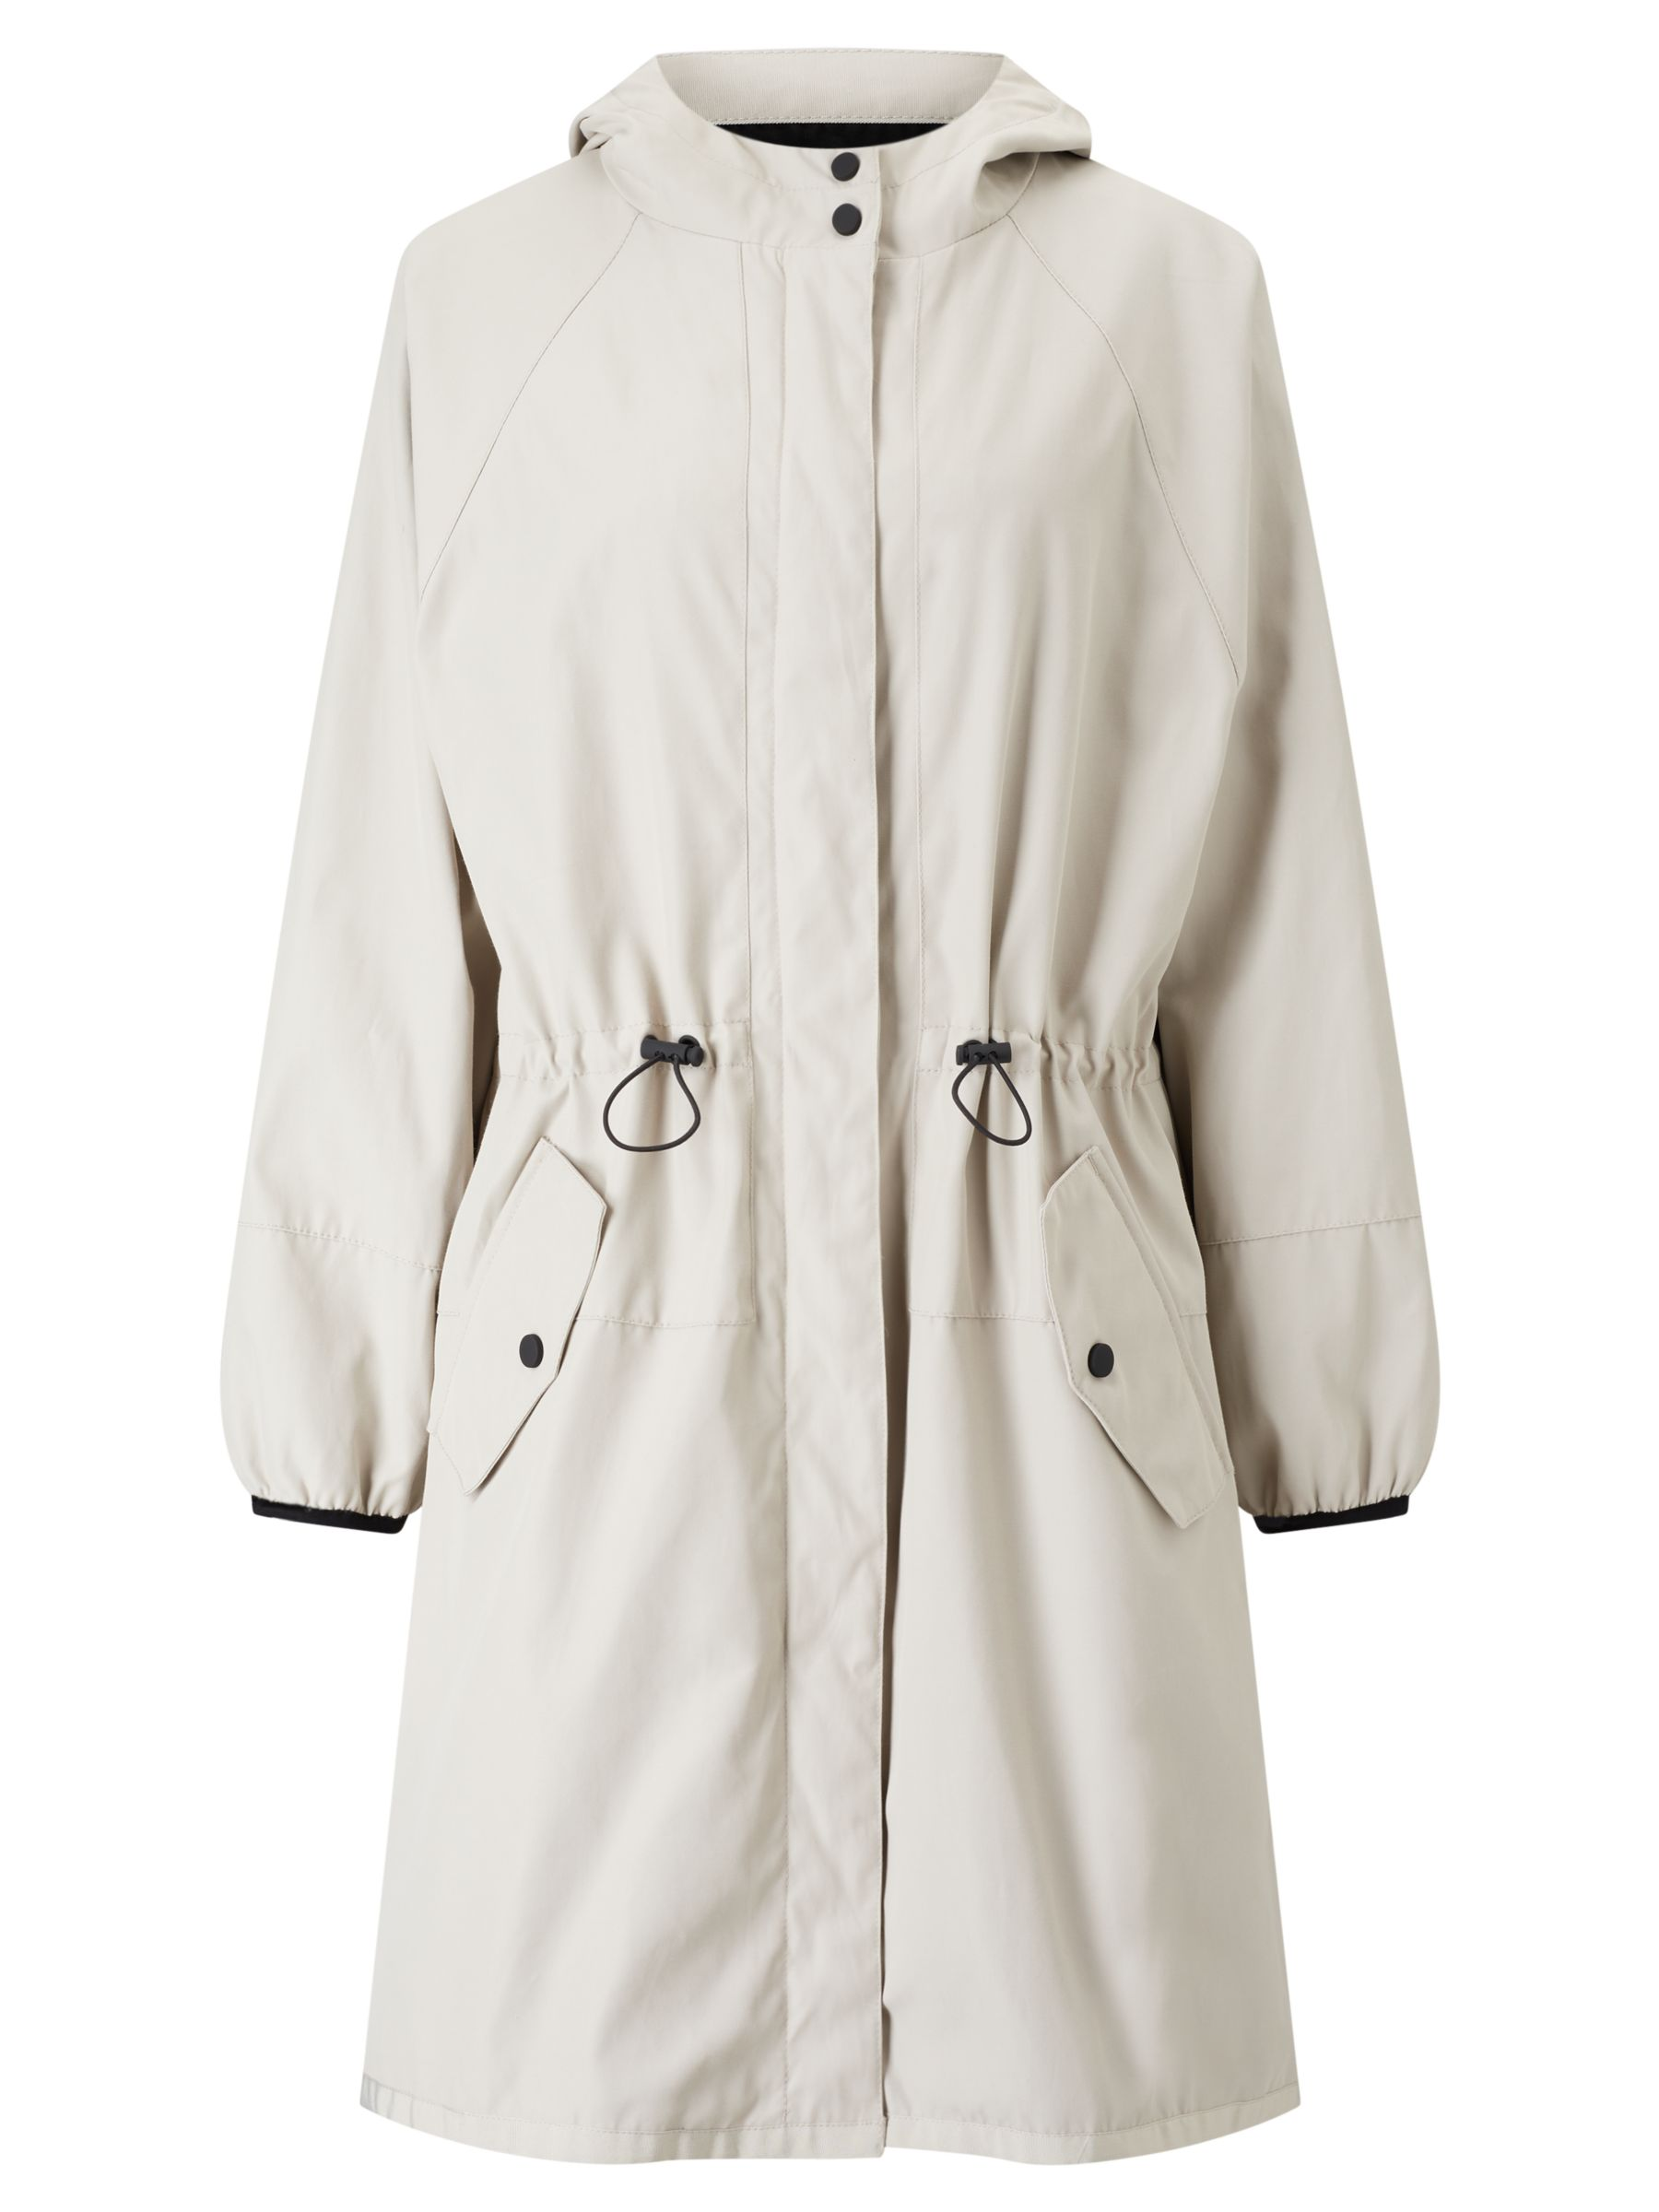 Kin by John Lewis Kin by John Lewis Longline Parka Coat